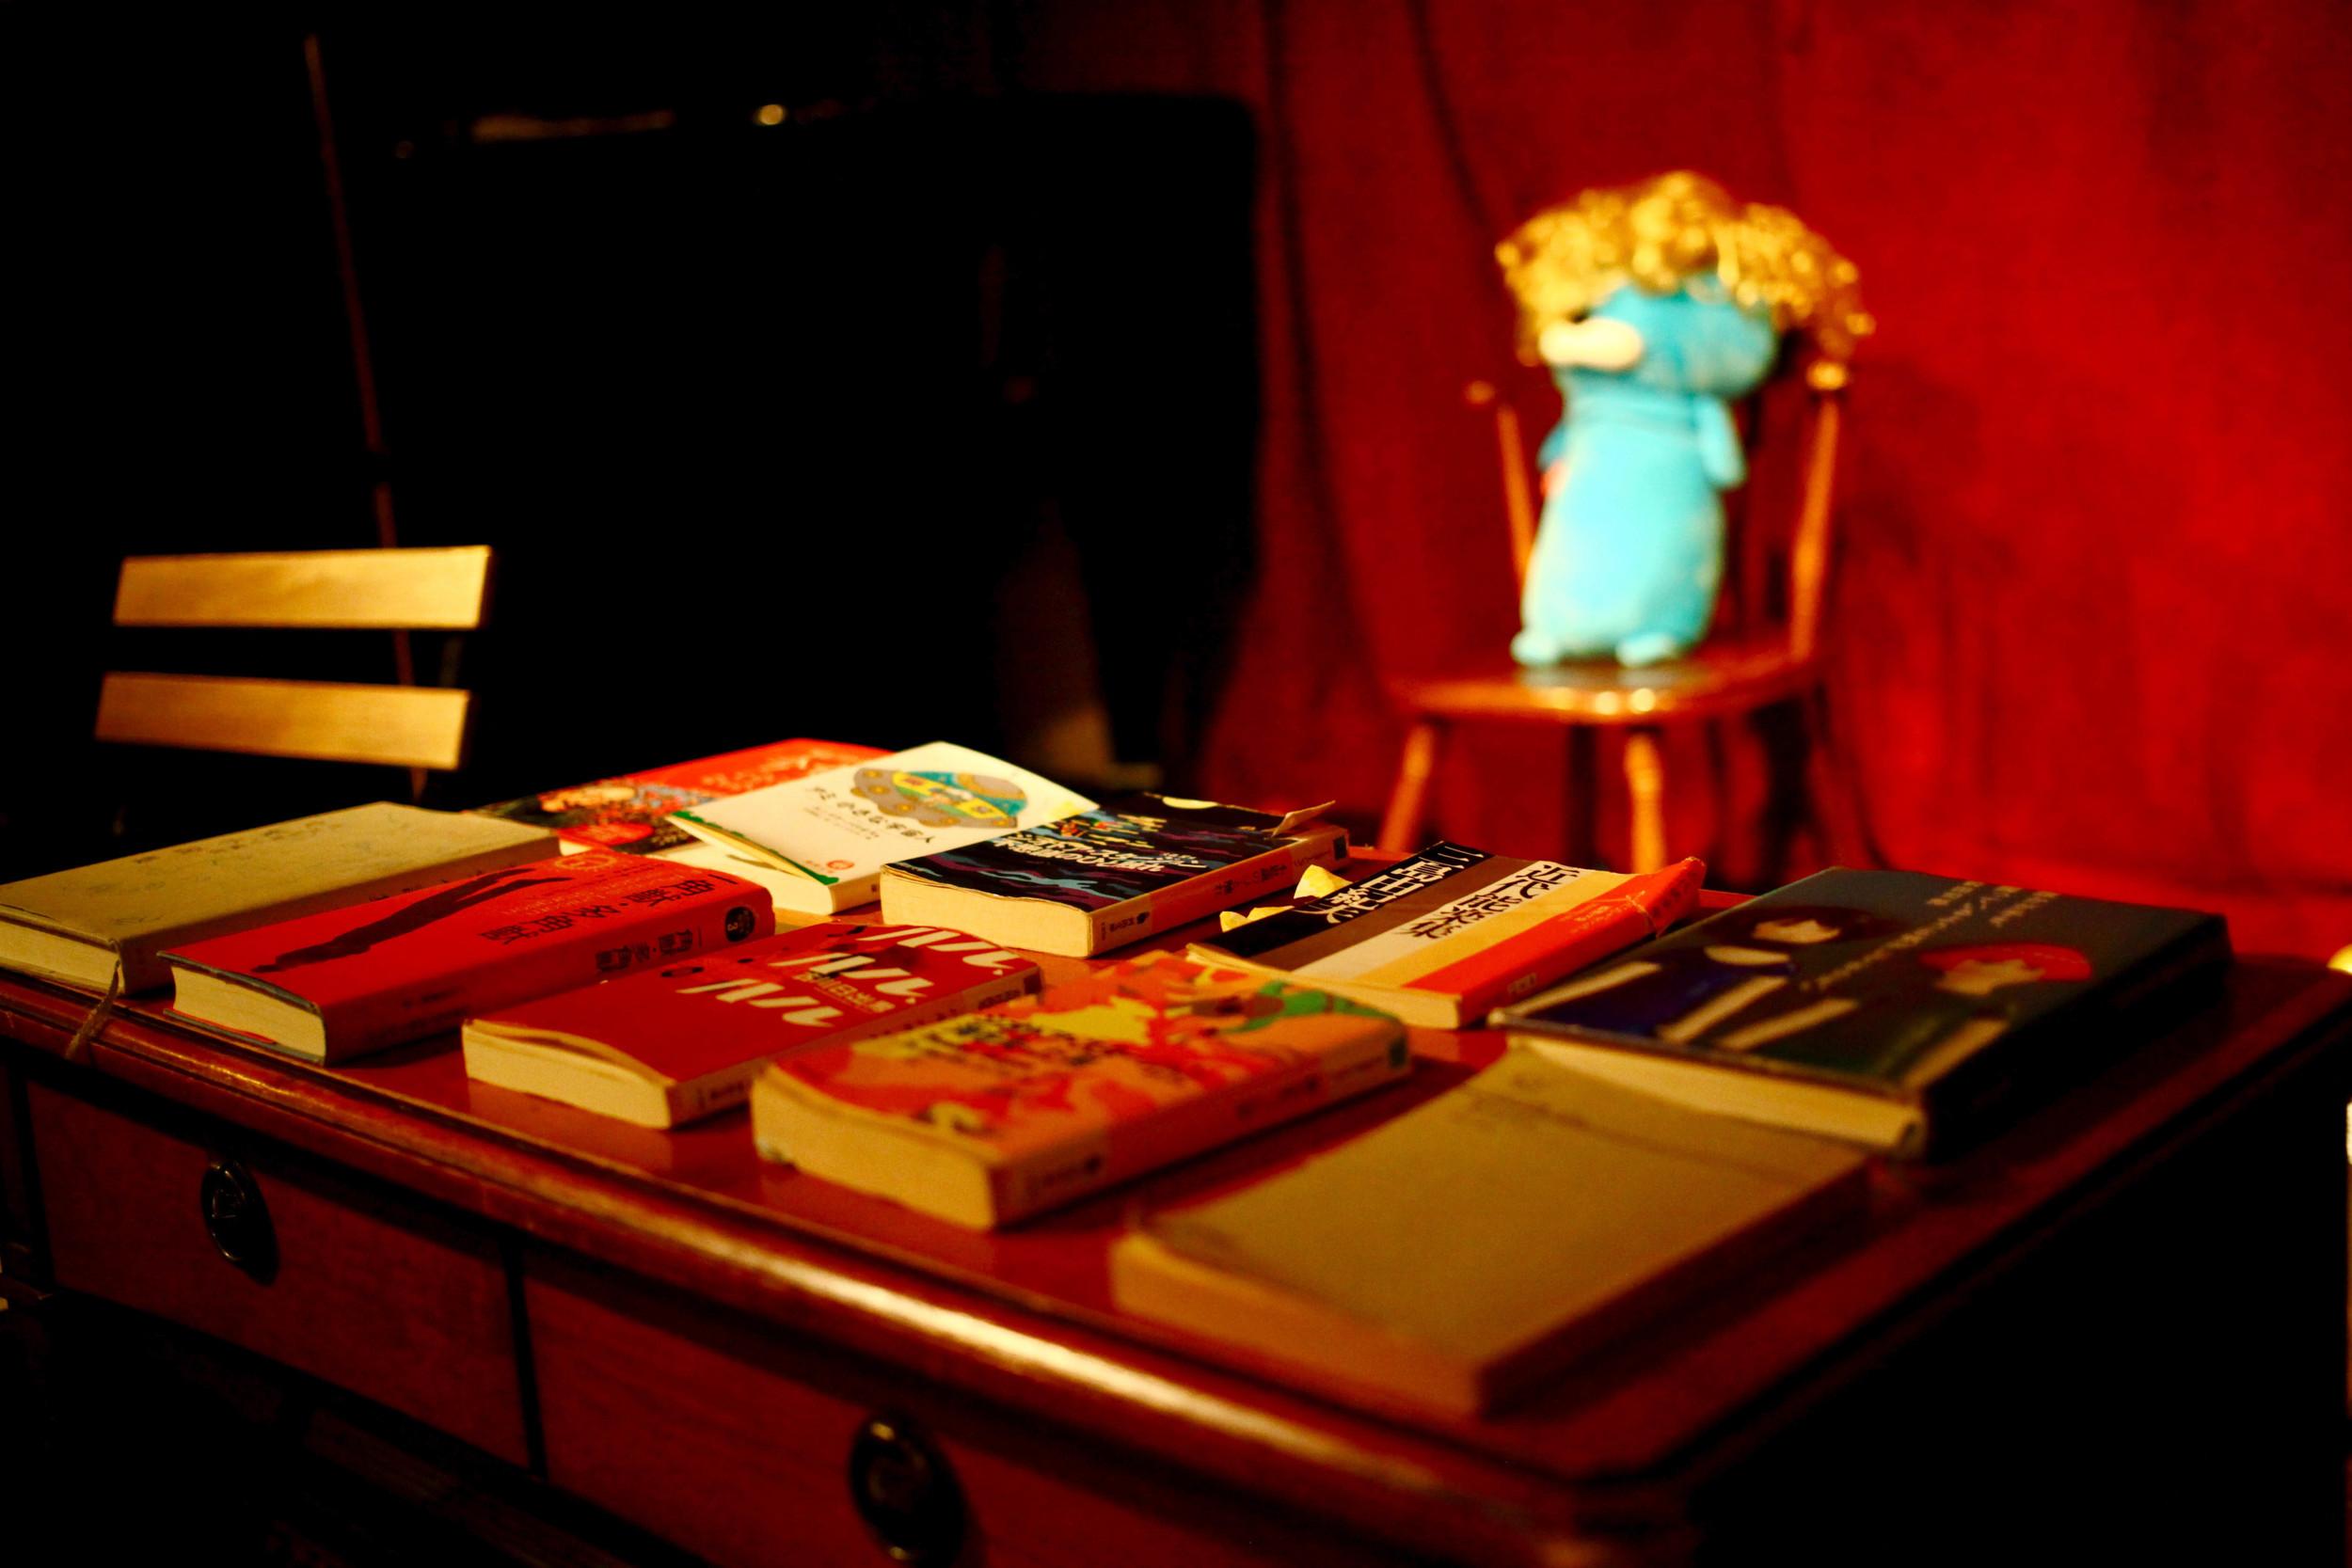 時にはカットアップの音楽の如く、数冊を横断し読み上げるシーンもありながら